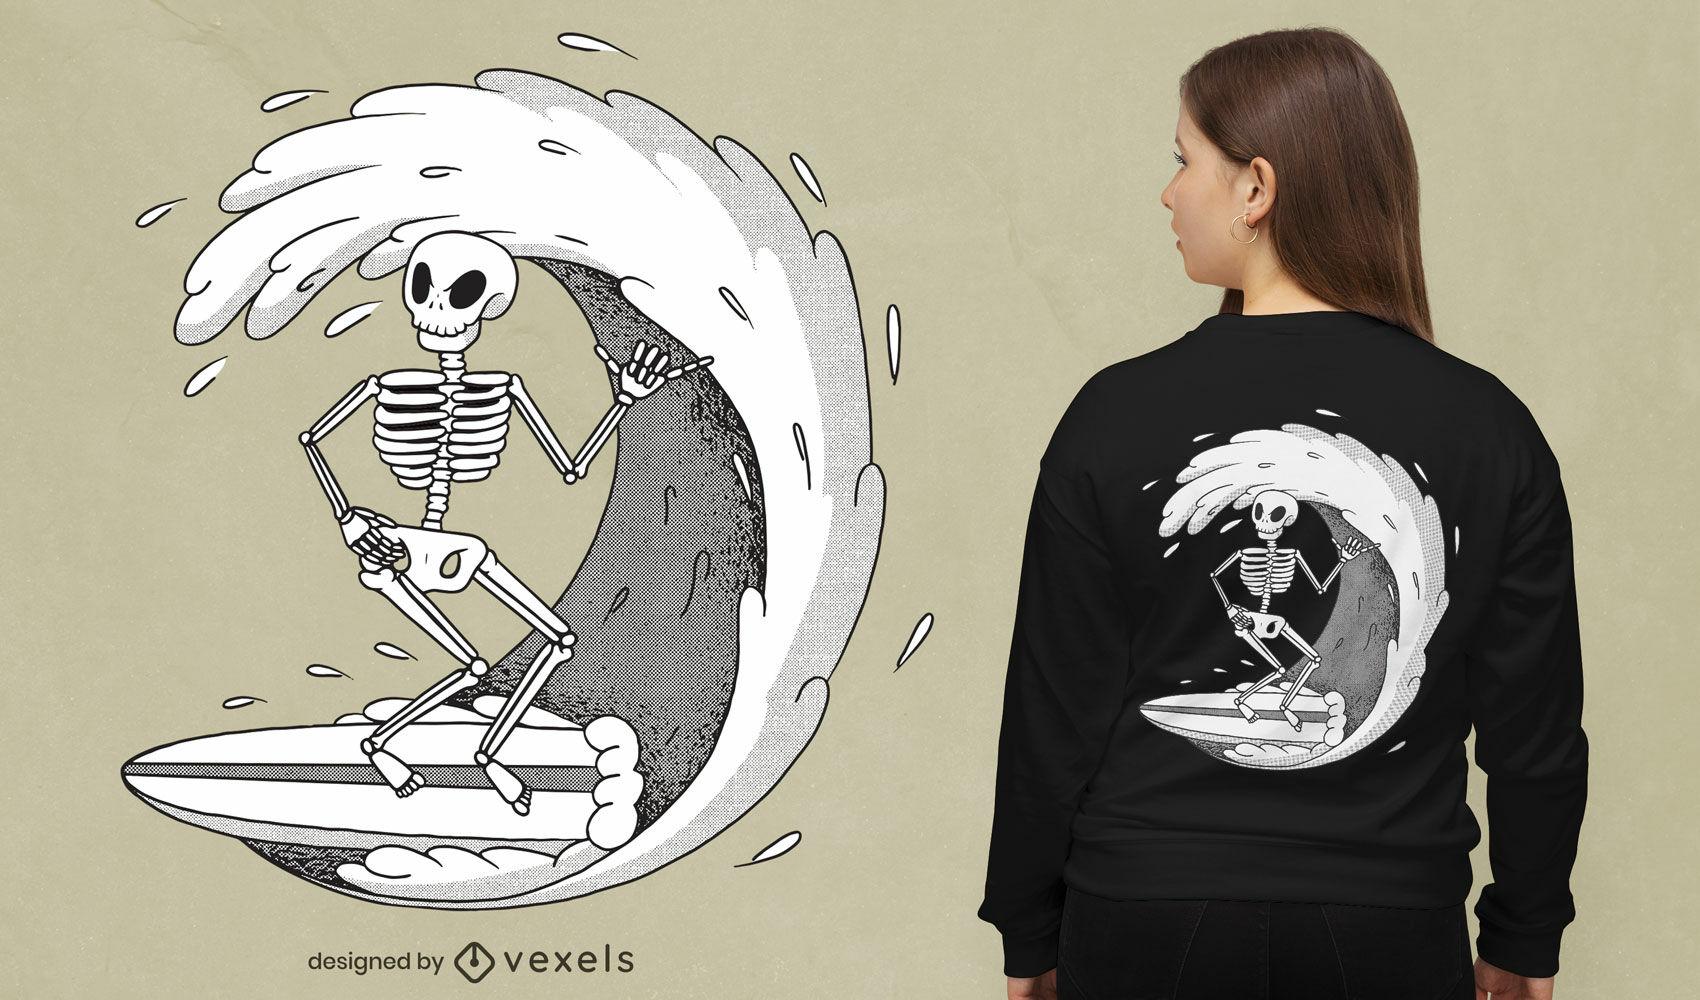 Skeleton surfing wave t-shirt design